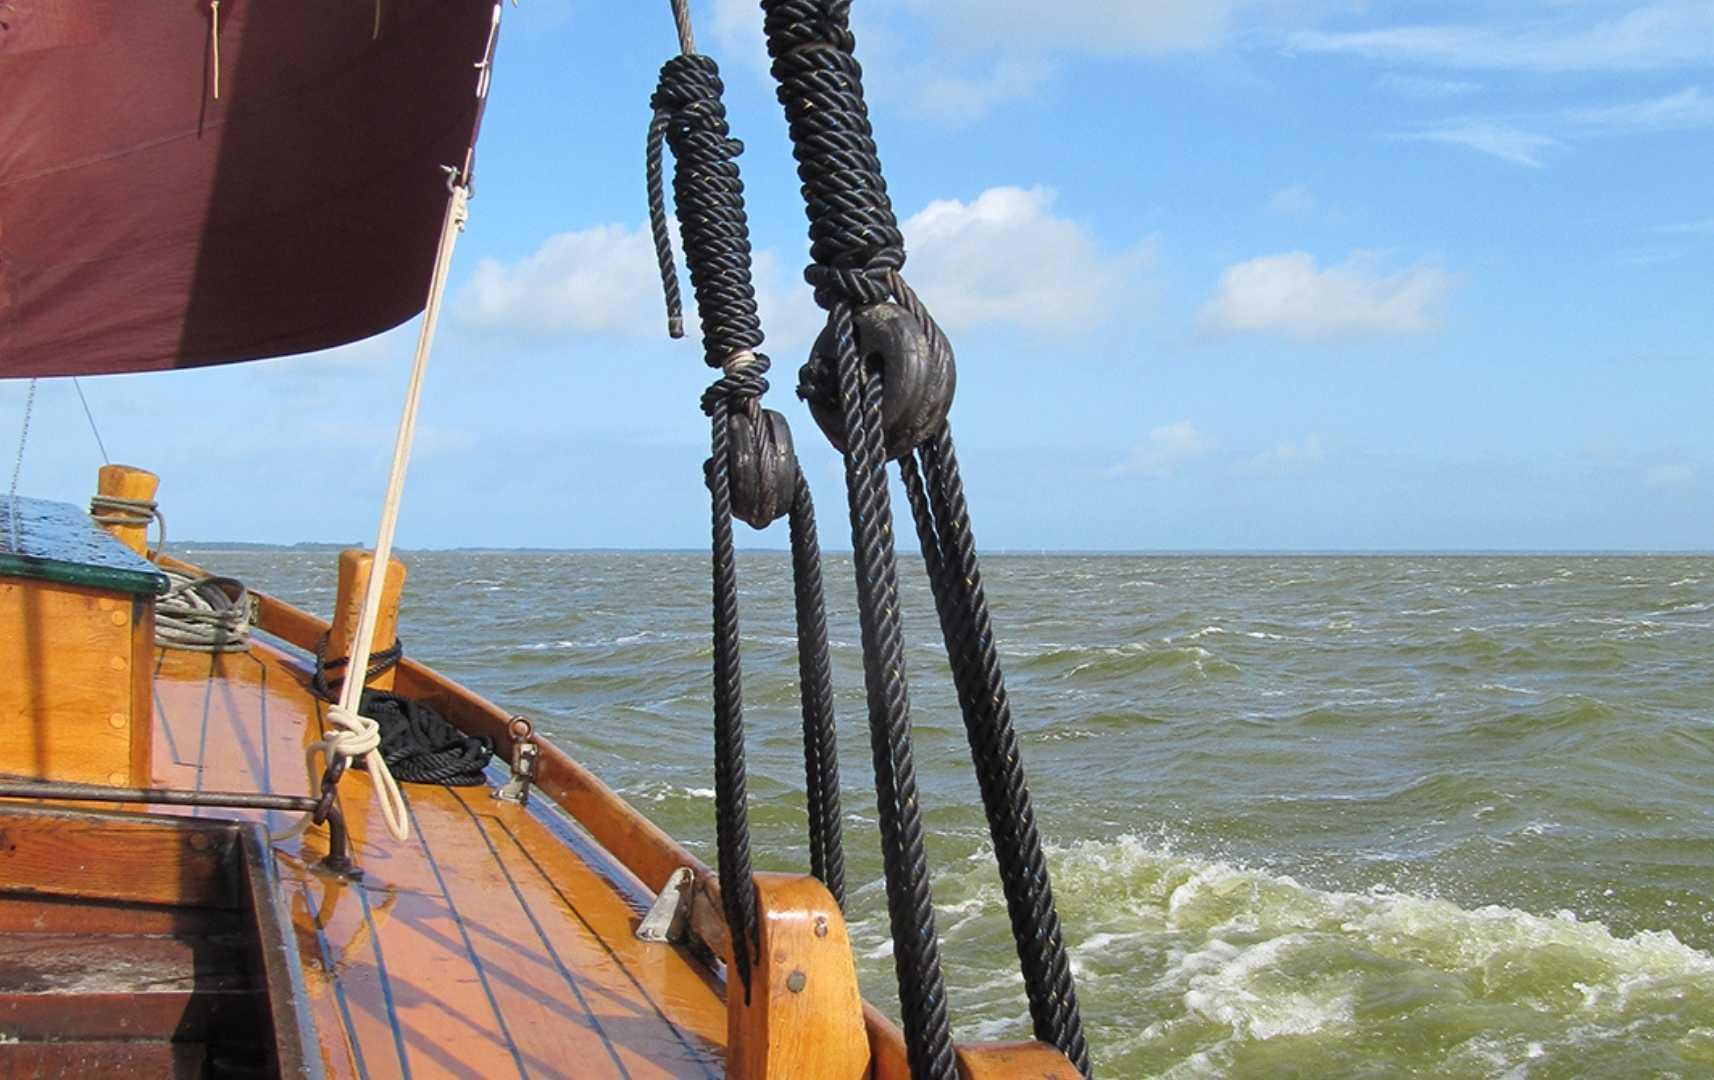 Zeesboot - Fischland